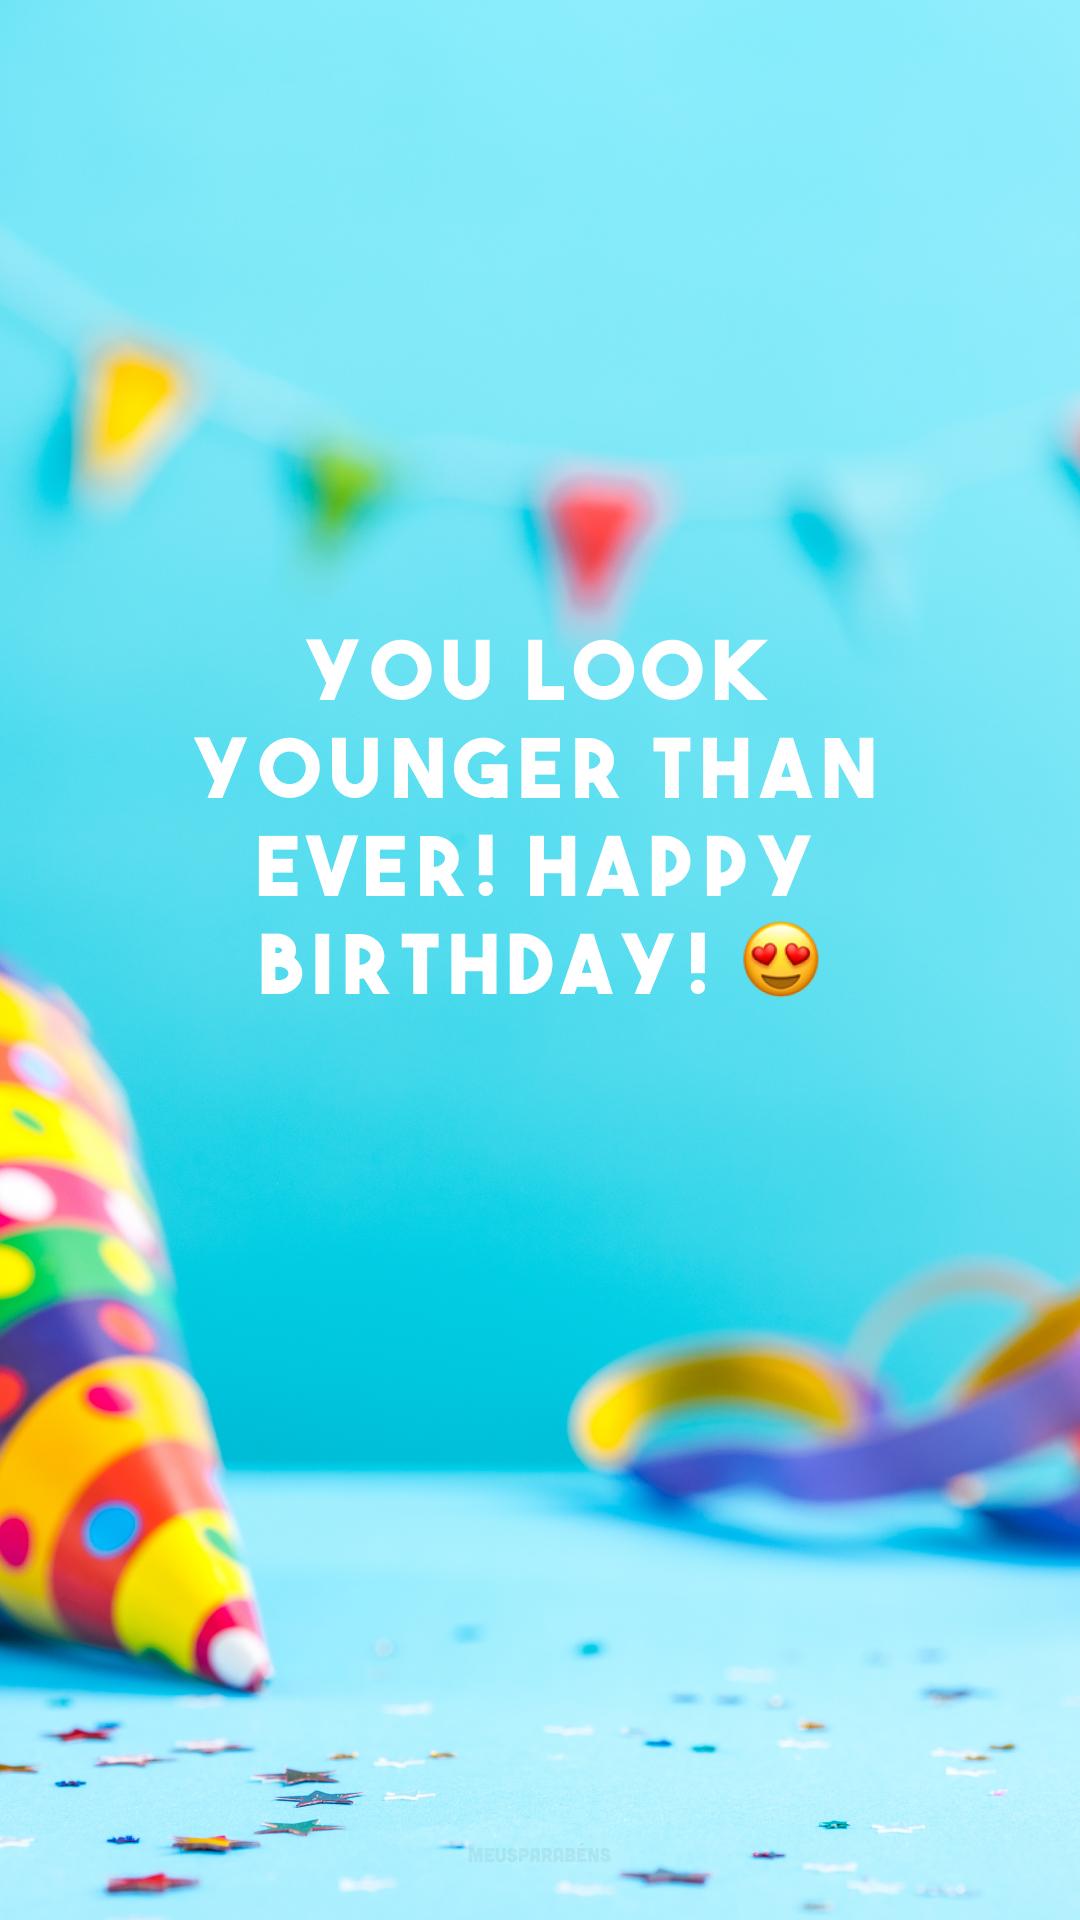 You look younger than ever! Happy birthday! 😍 (Você parece mais jovem do que nunca. Feliz aniversário!)